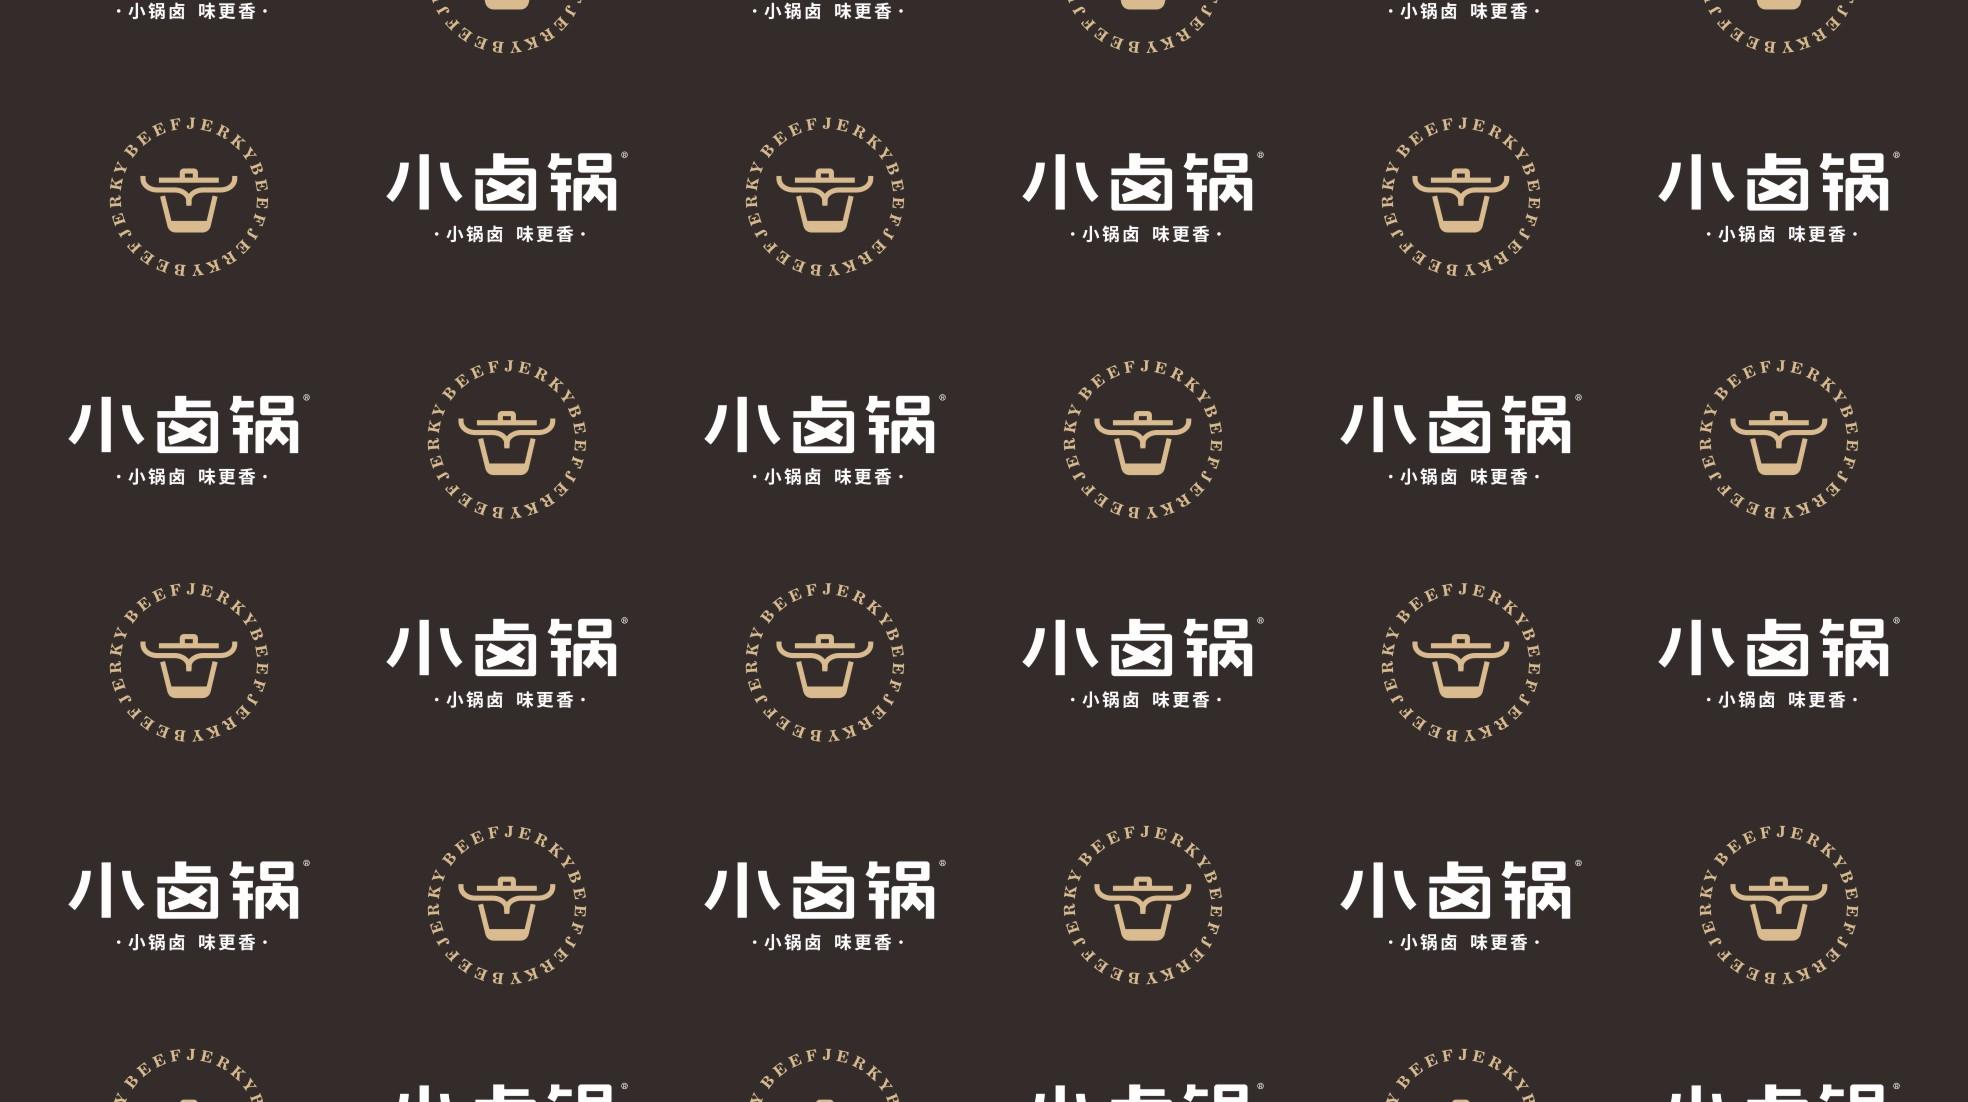 小卤锅牛肉干品牌包装设计